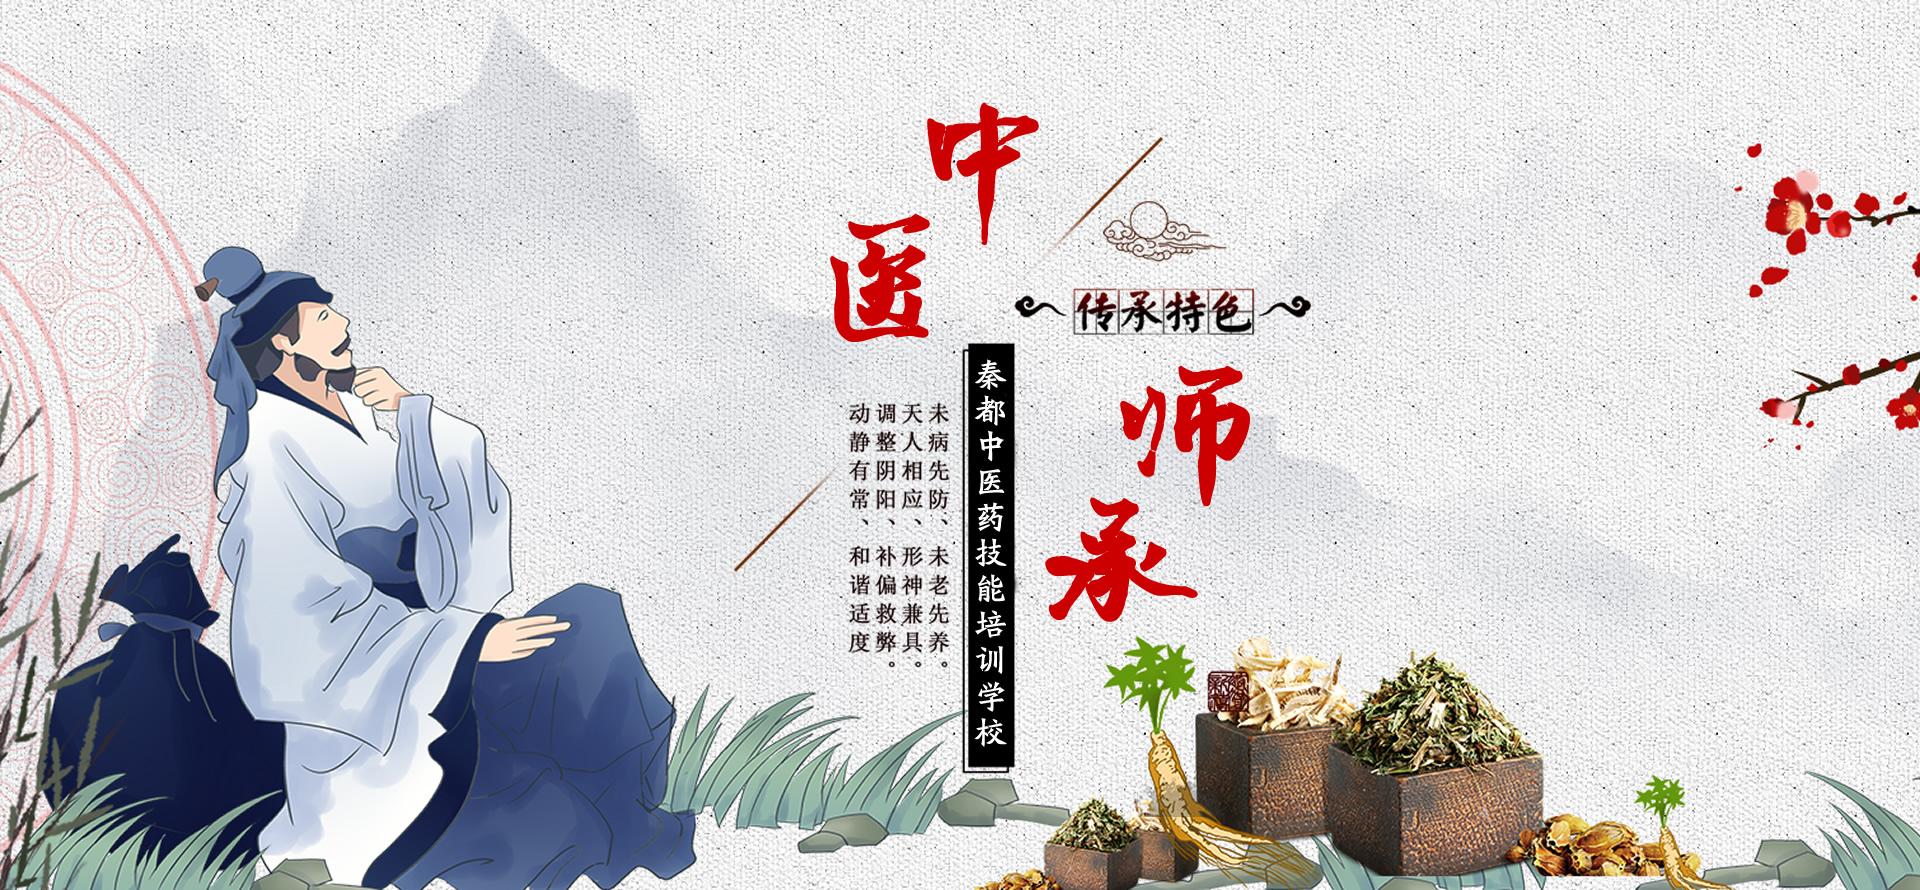 咸阳中医培训学校